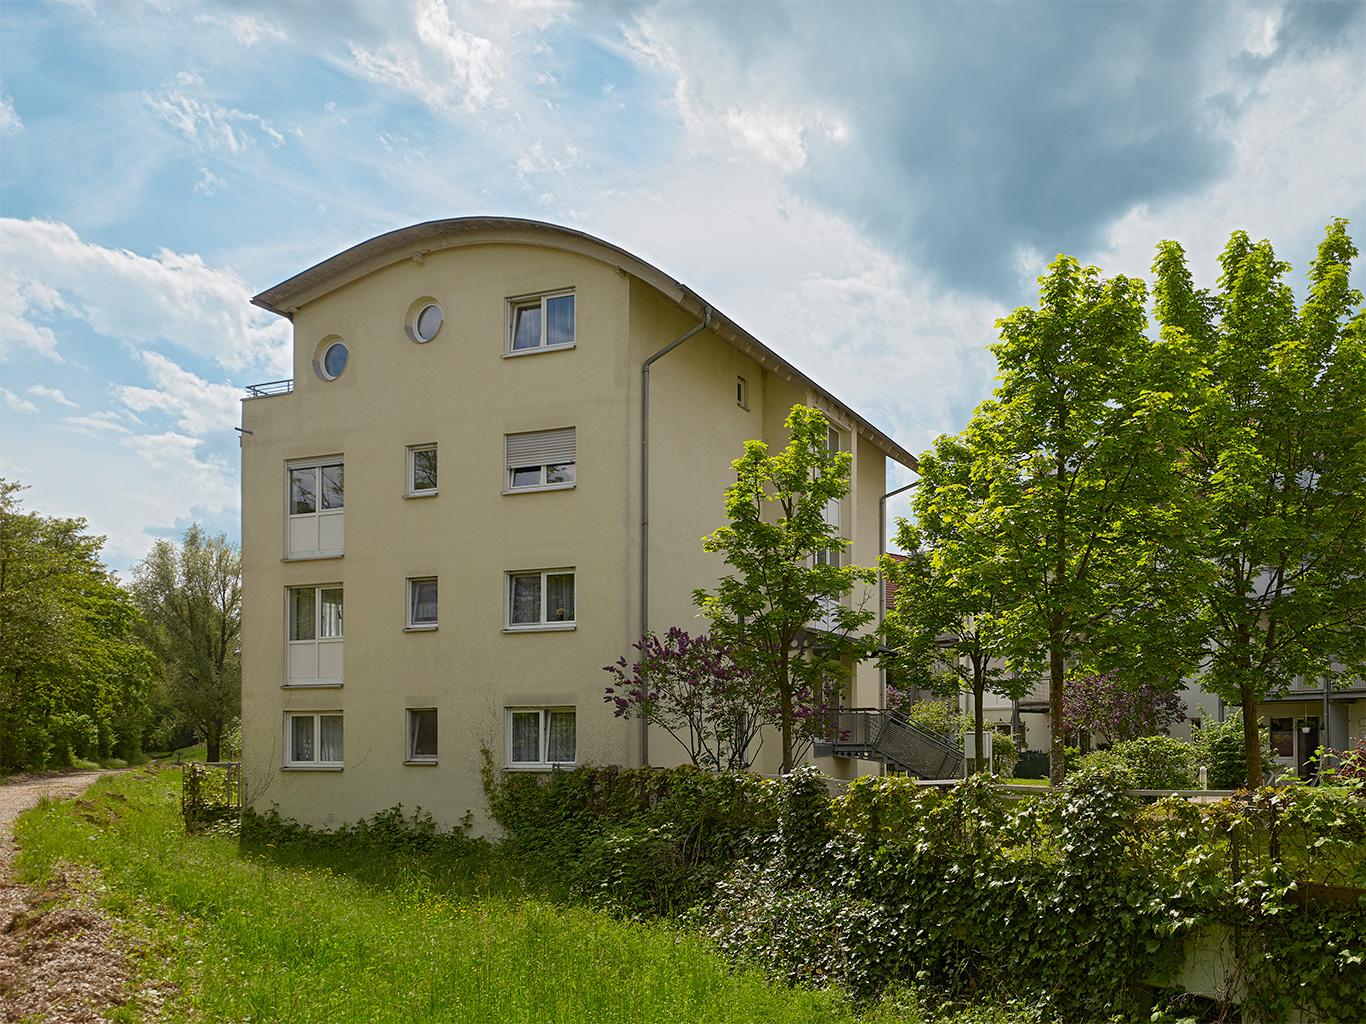 G_Auáenansicht_Haus36-2